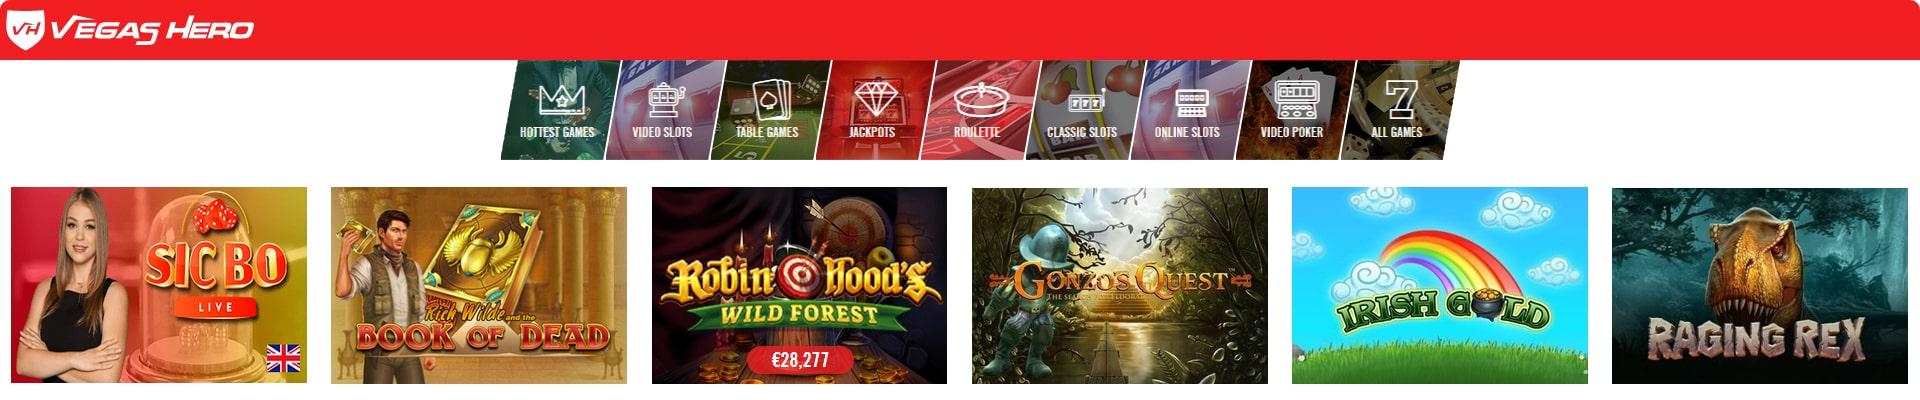 Vegas Hero Casino slots.